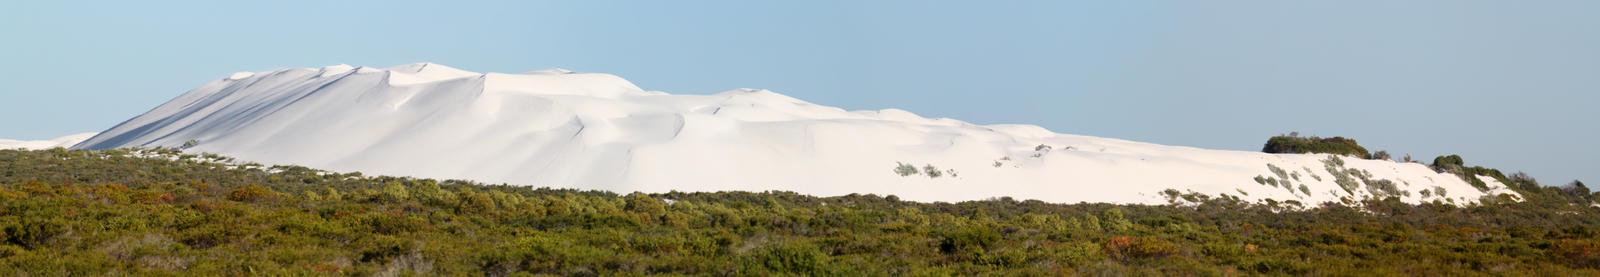 White Sand by TarJakArt